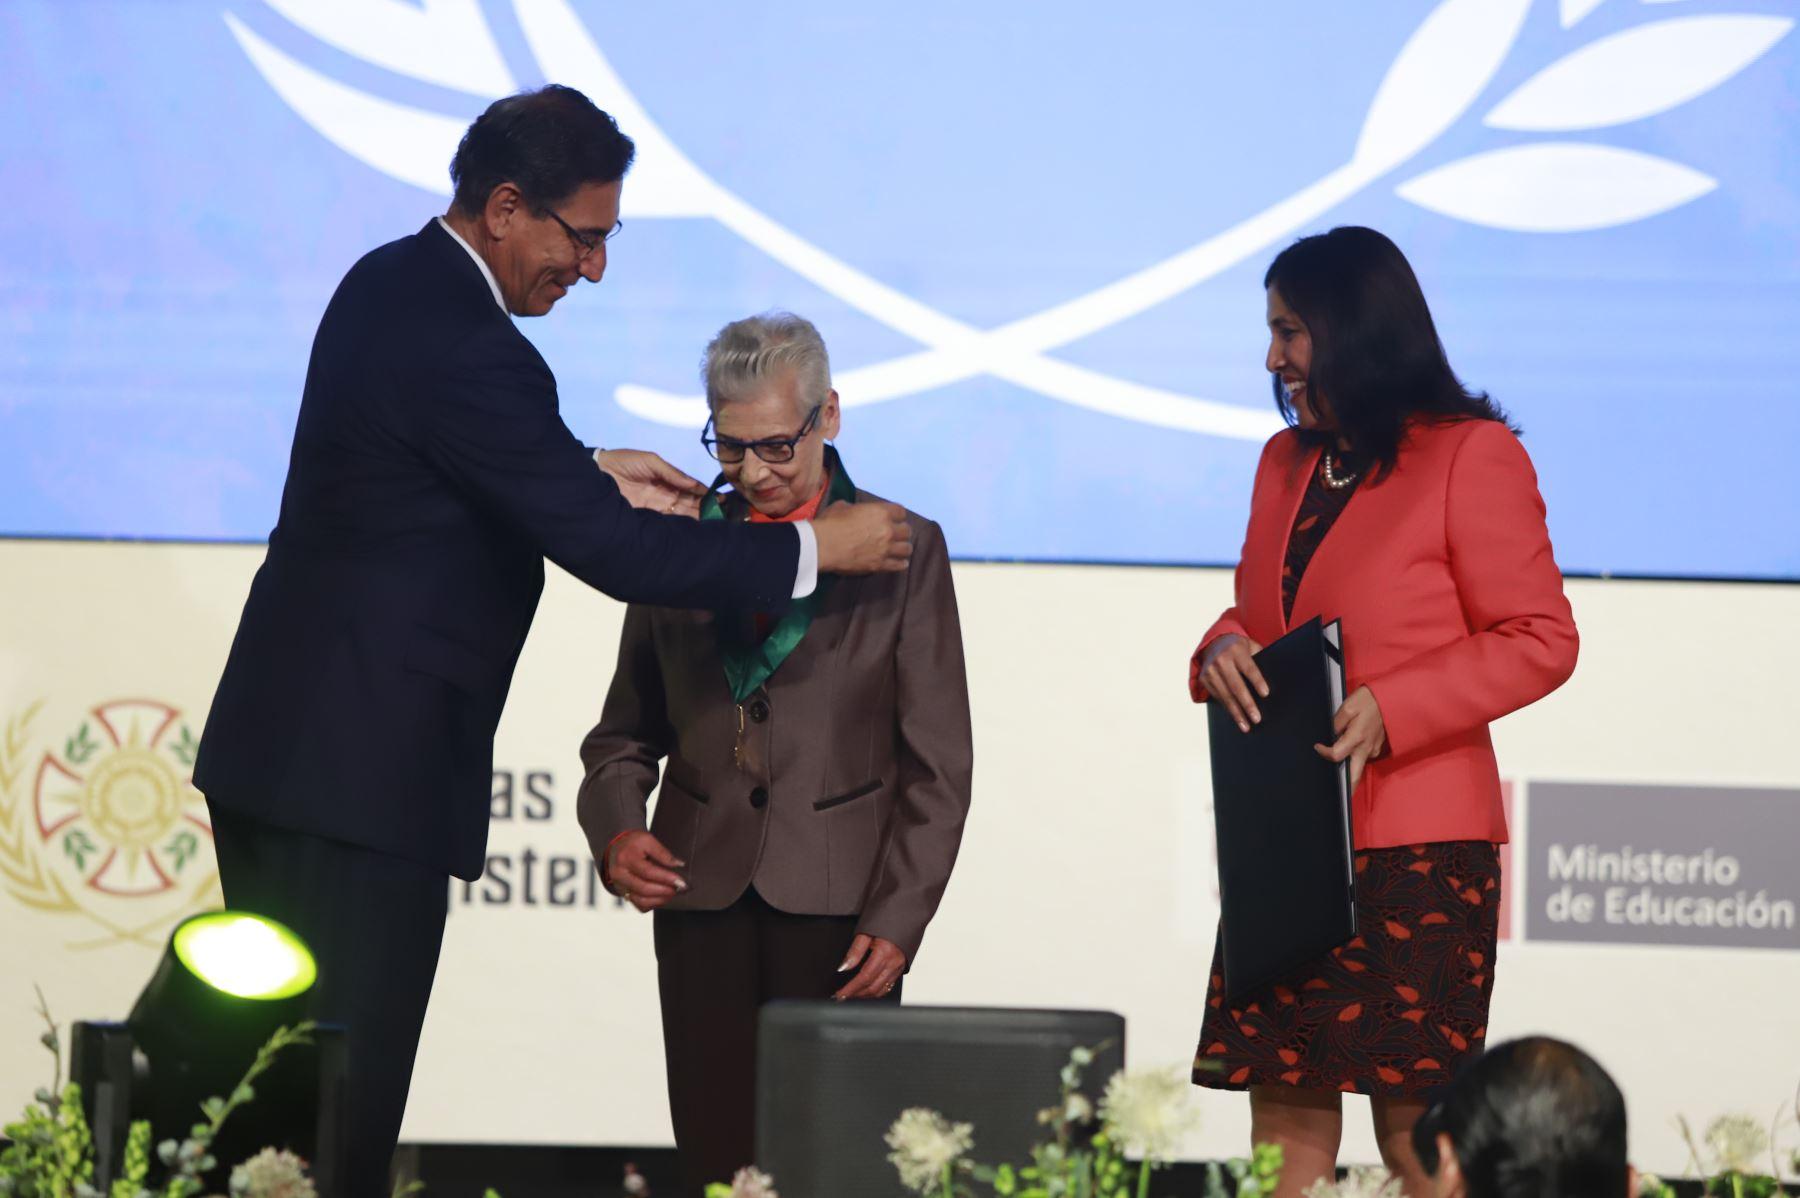 Presidente Martín Vizcarra reconoce a educadora Violeta Ardiles Poma con las Palmas Magisteriales 2019 por su destacada contribución extraordinaria a la educación y desarrollo del país.  Foto: ANDINA/Prensa Presidencia